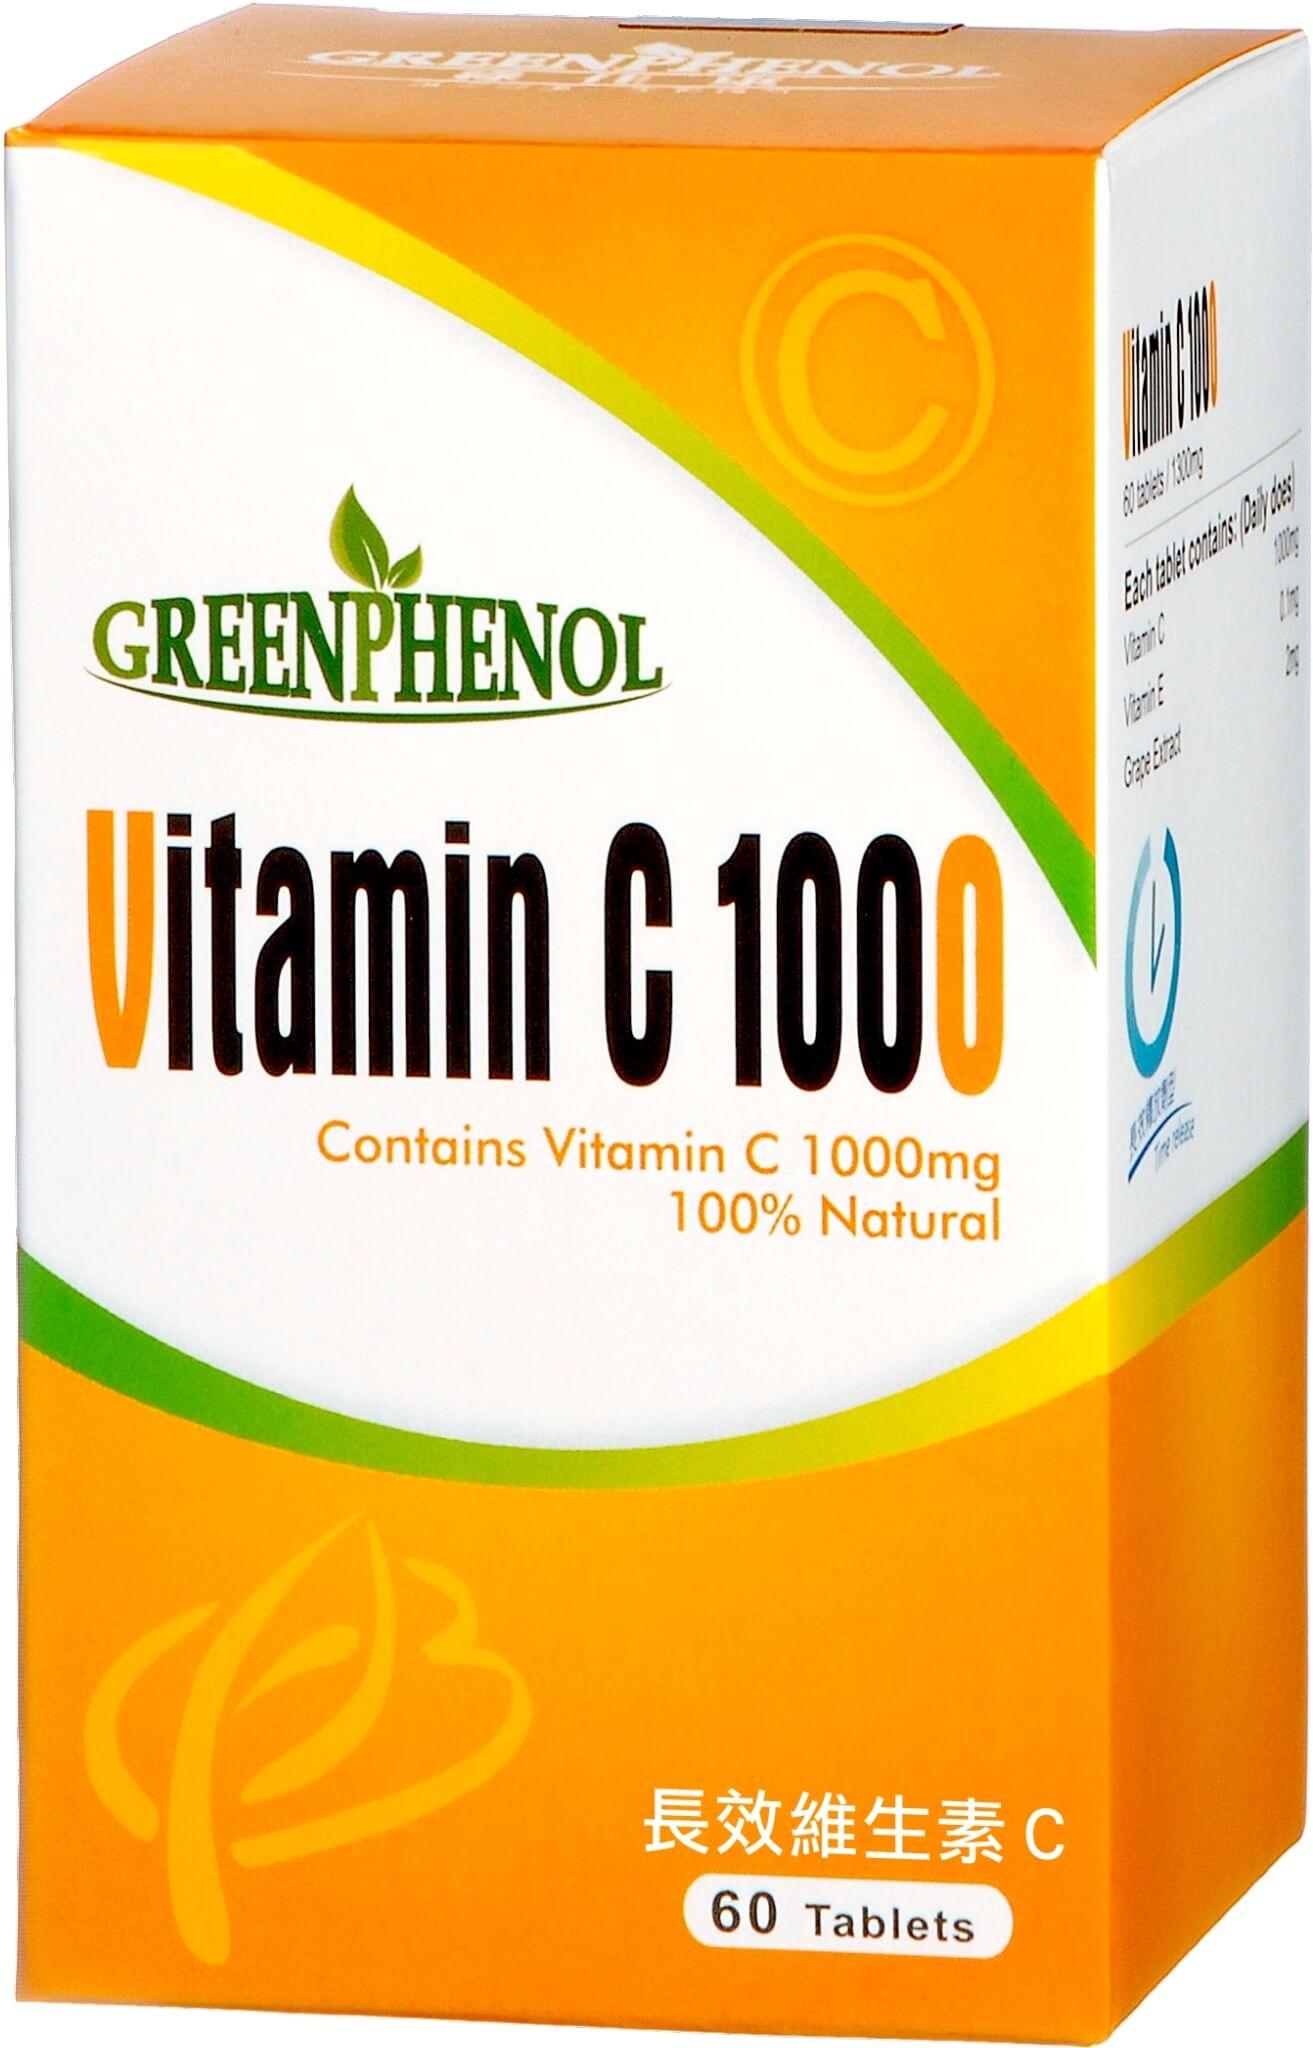 長效C複方膜衣錠  Vitamin C 1000